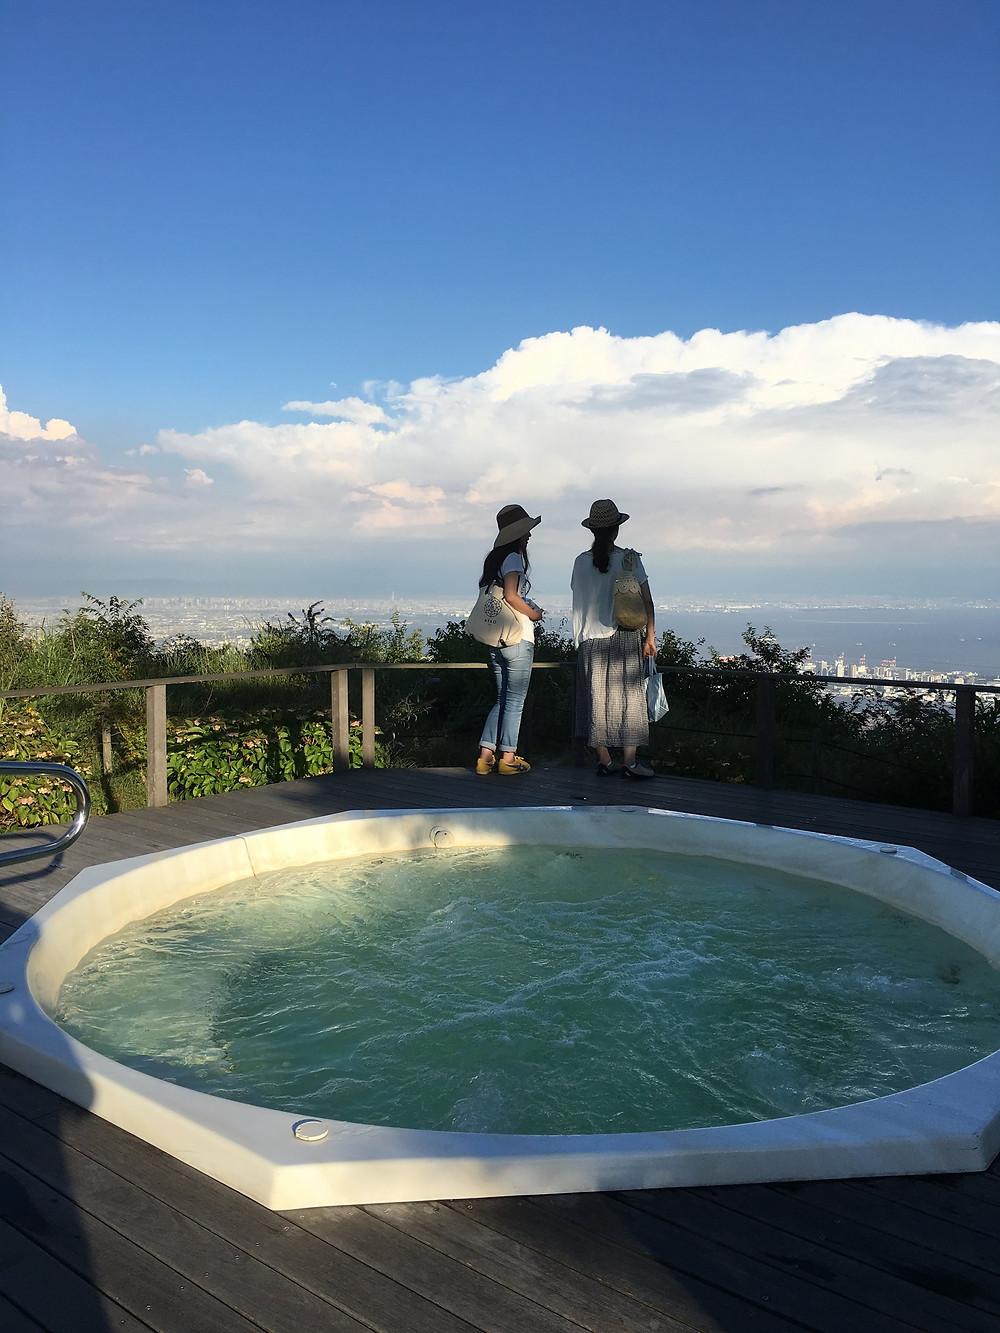 摩耶山頂からの眺め